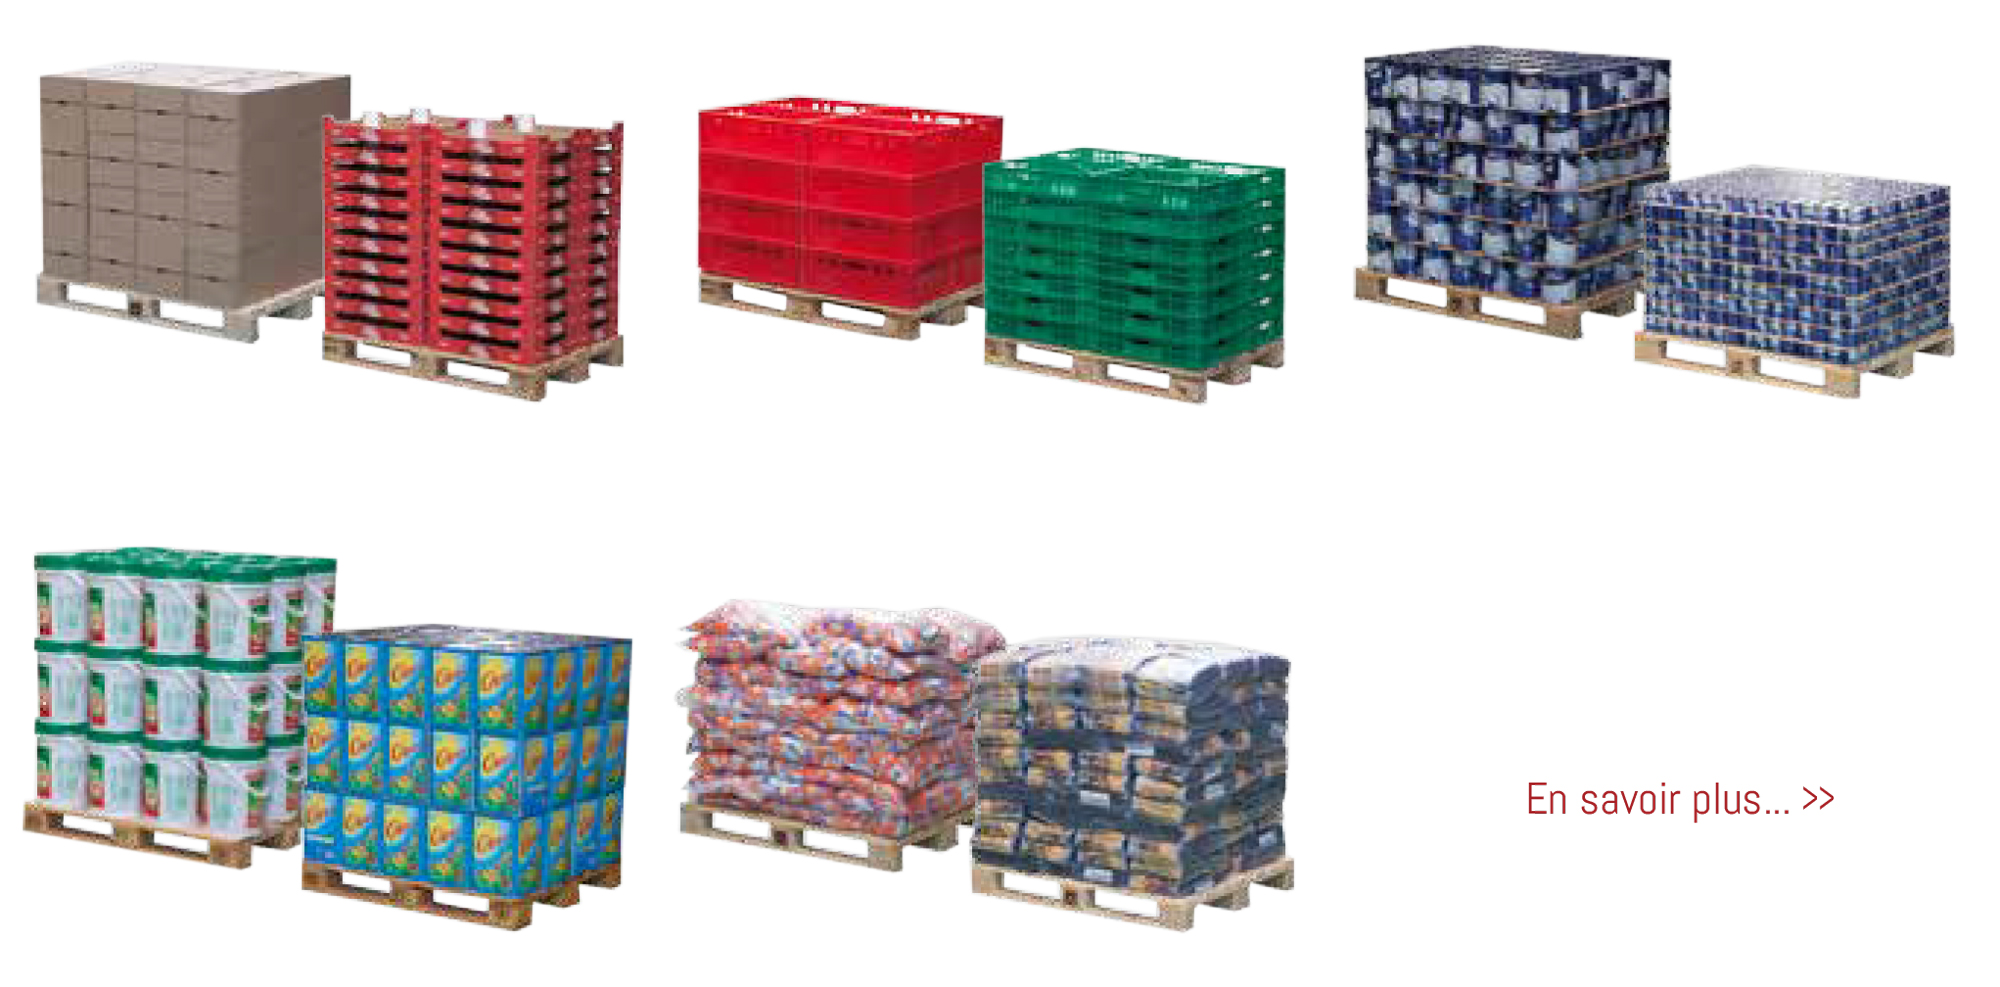 palettes emballages, palettes, encaissage, prêt à vendre, formeuse de caisse, Absoltech